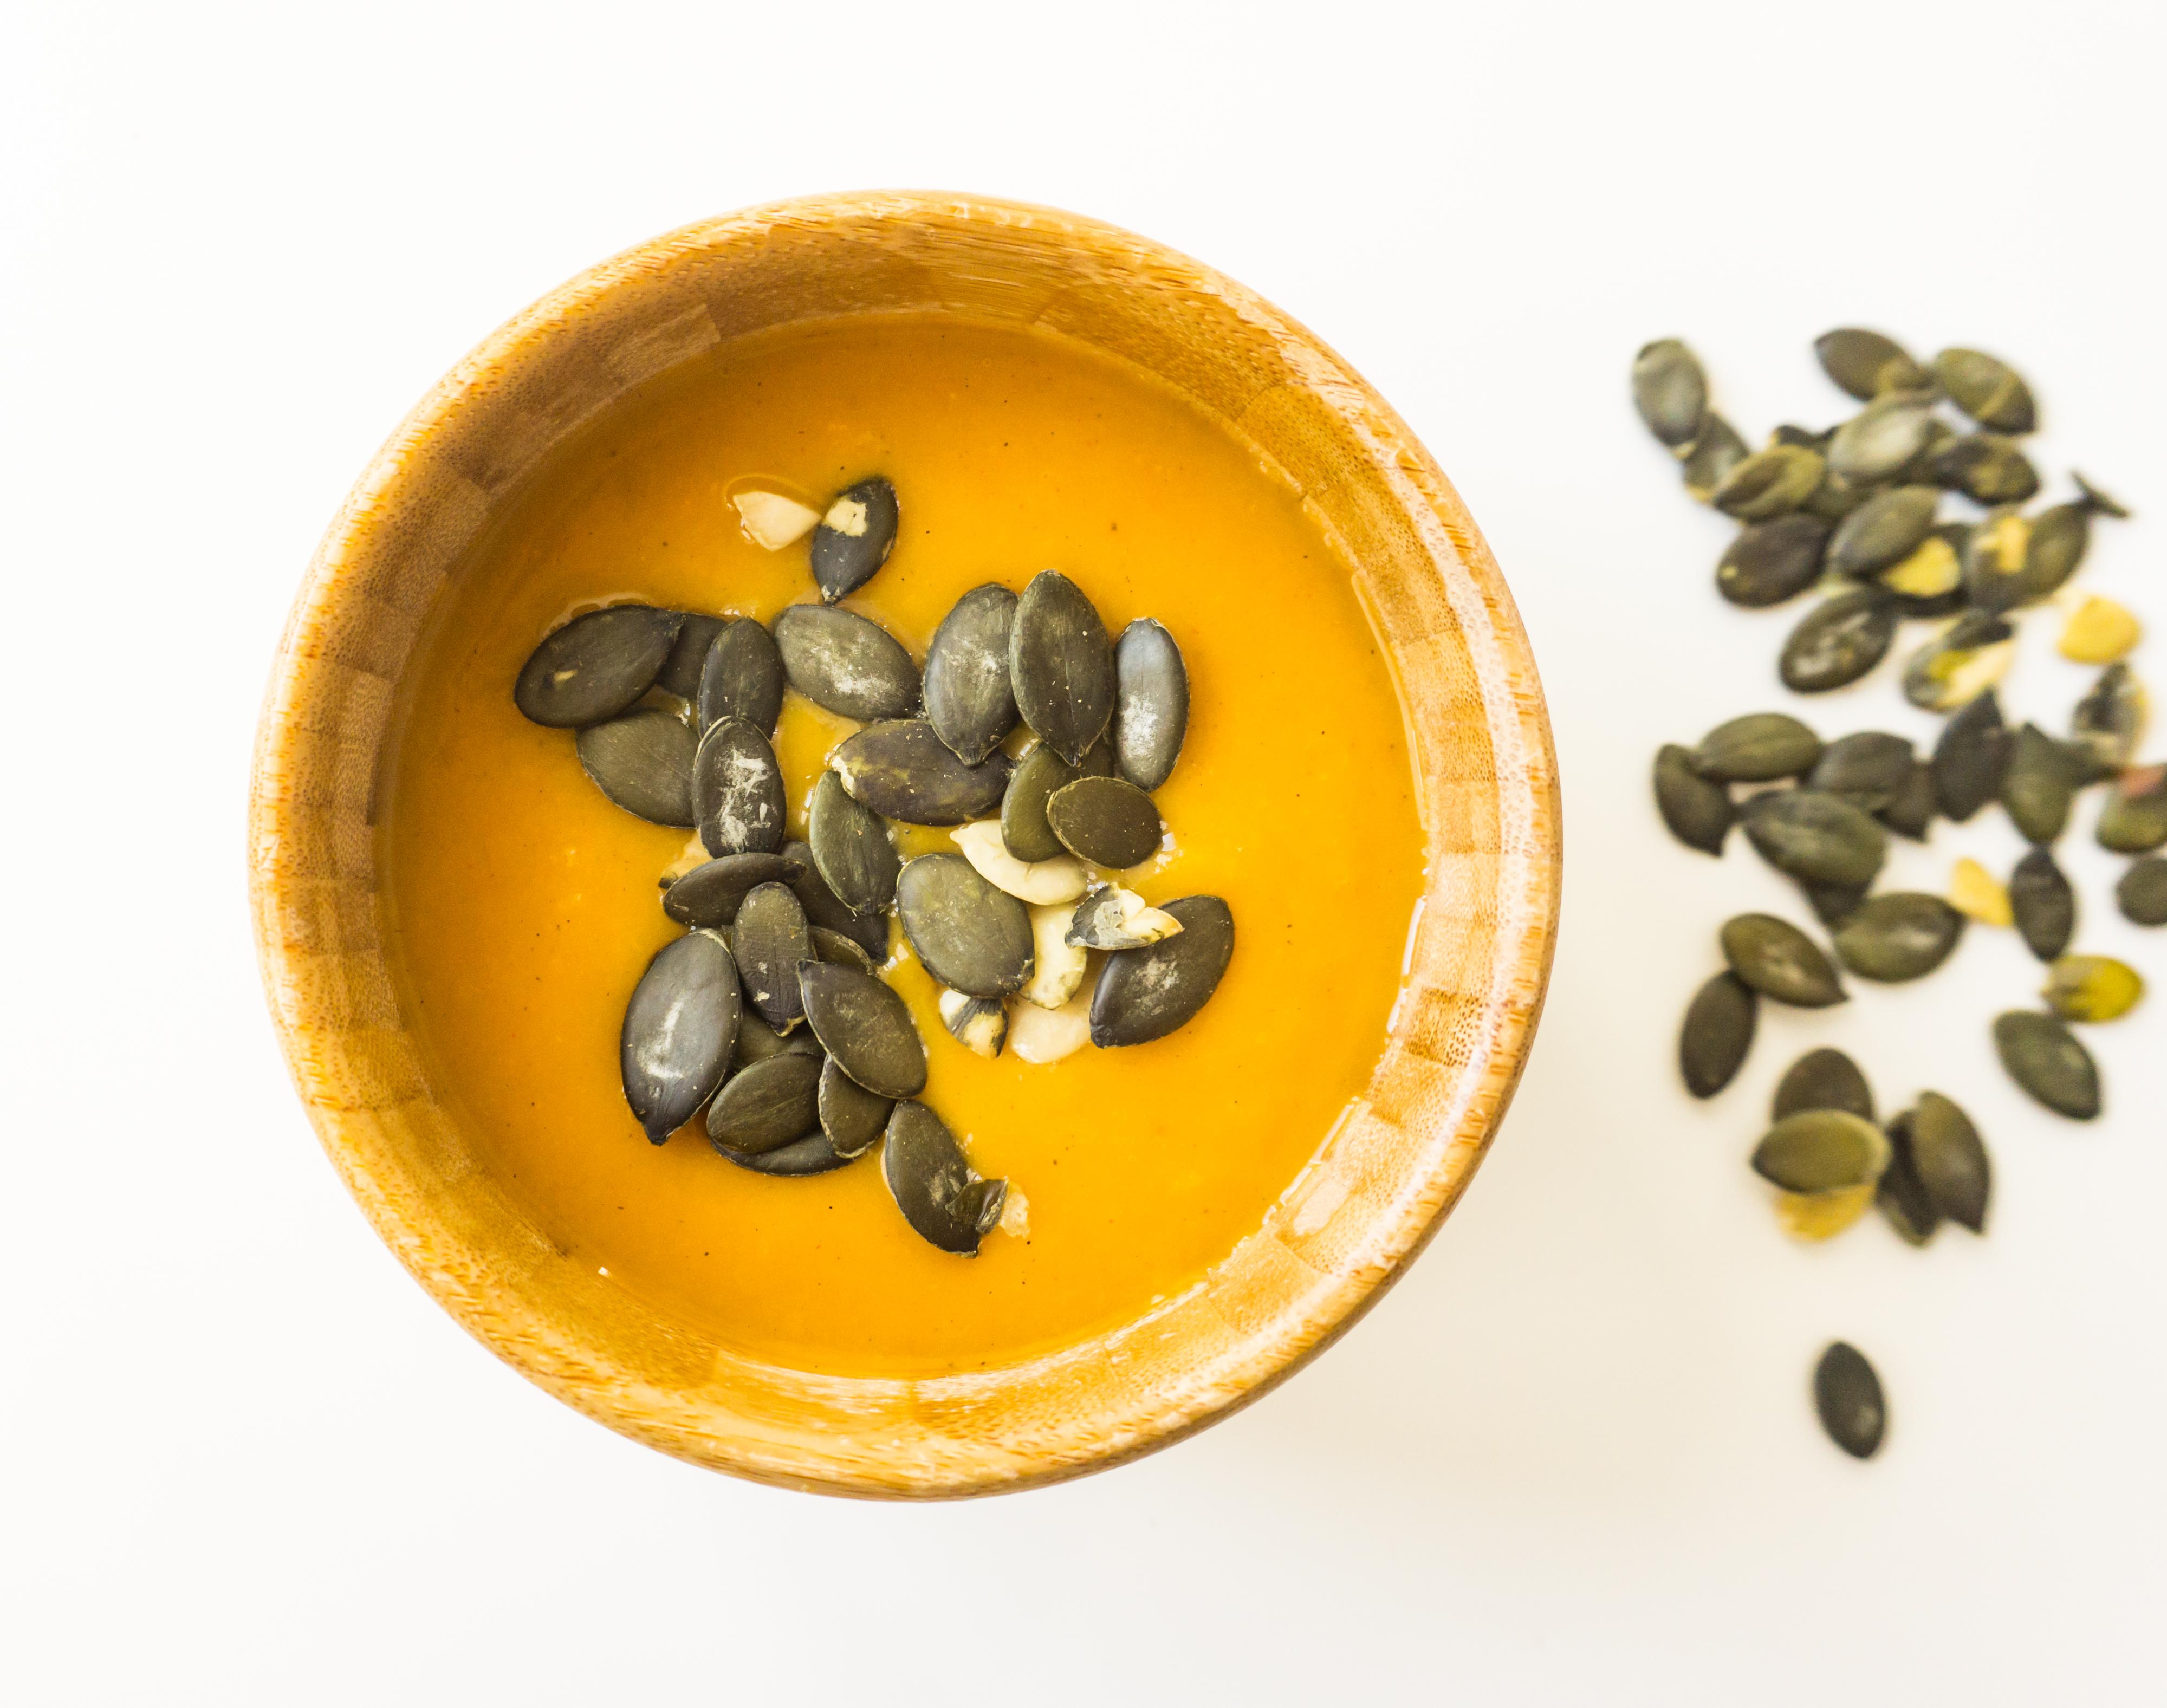 Zupa-krem z dyni piżmowej